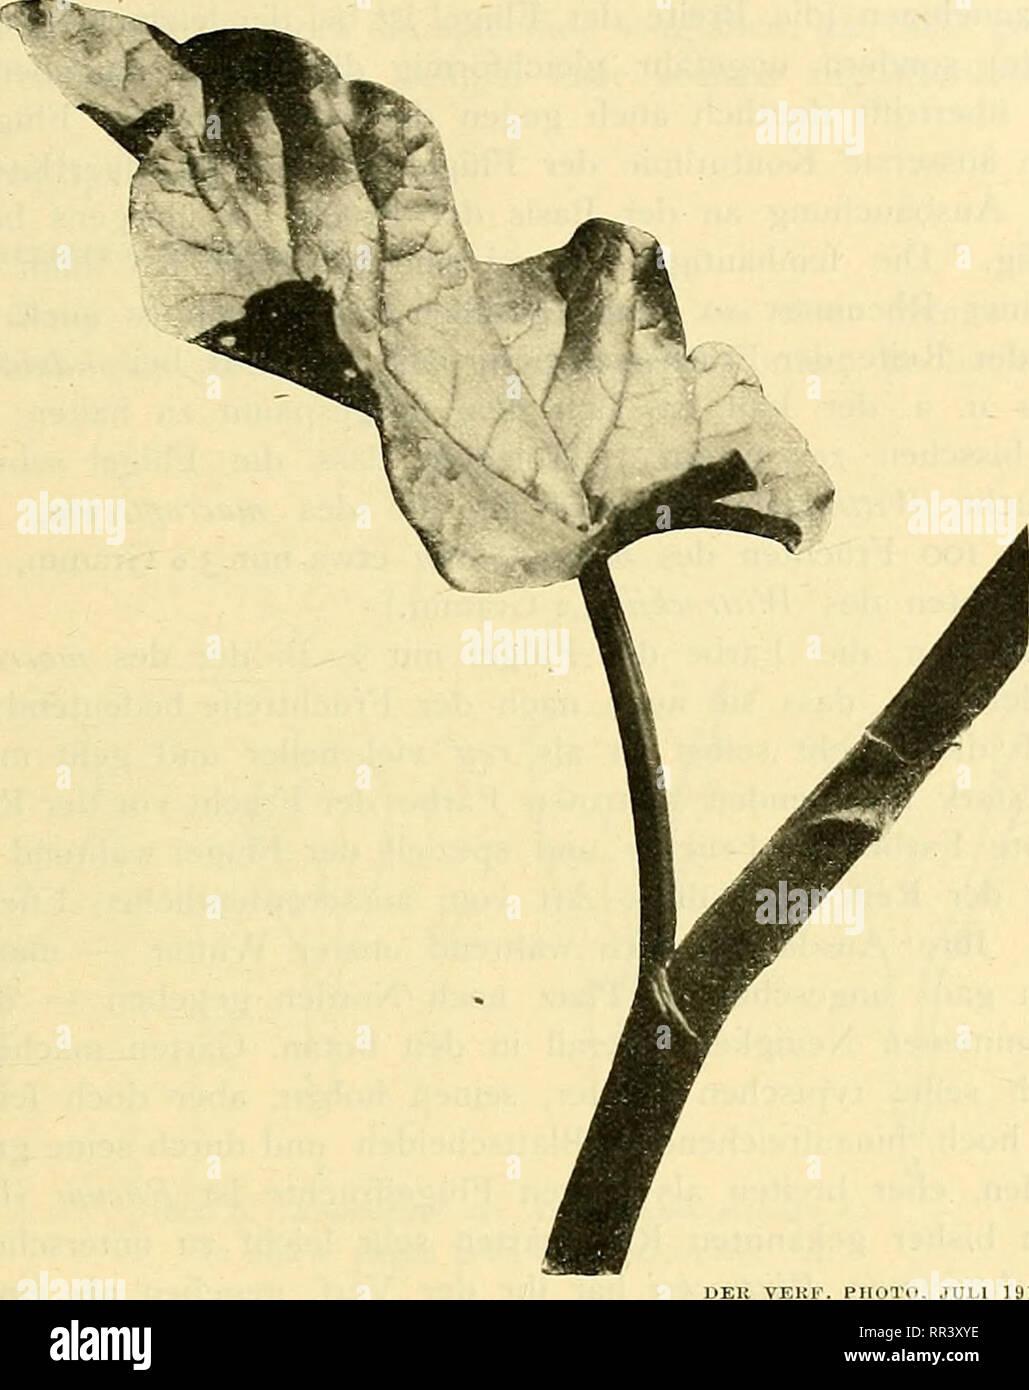 Antiquitäten & Kunst Bilder & Drucke LiebenswüRdig Bild Gewölbtes Glas Stoffblumen